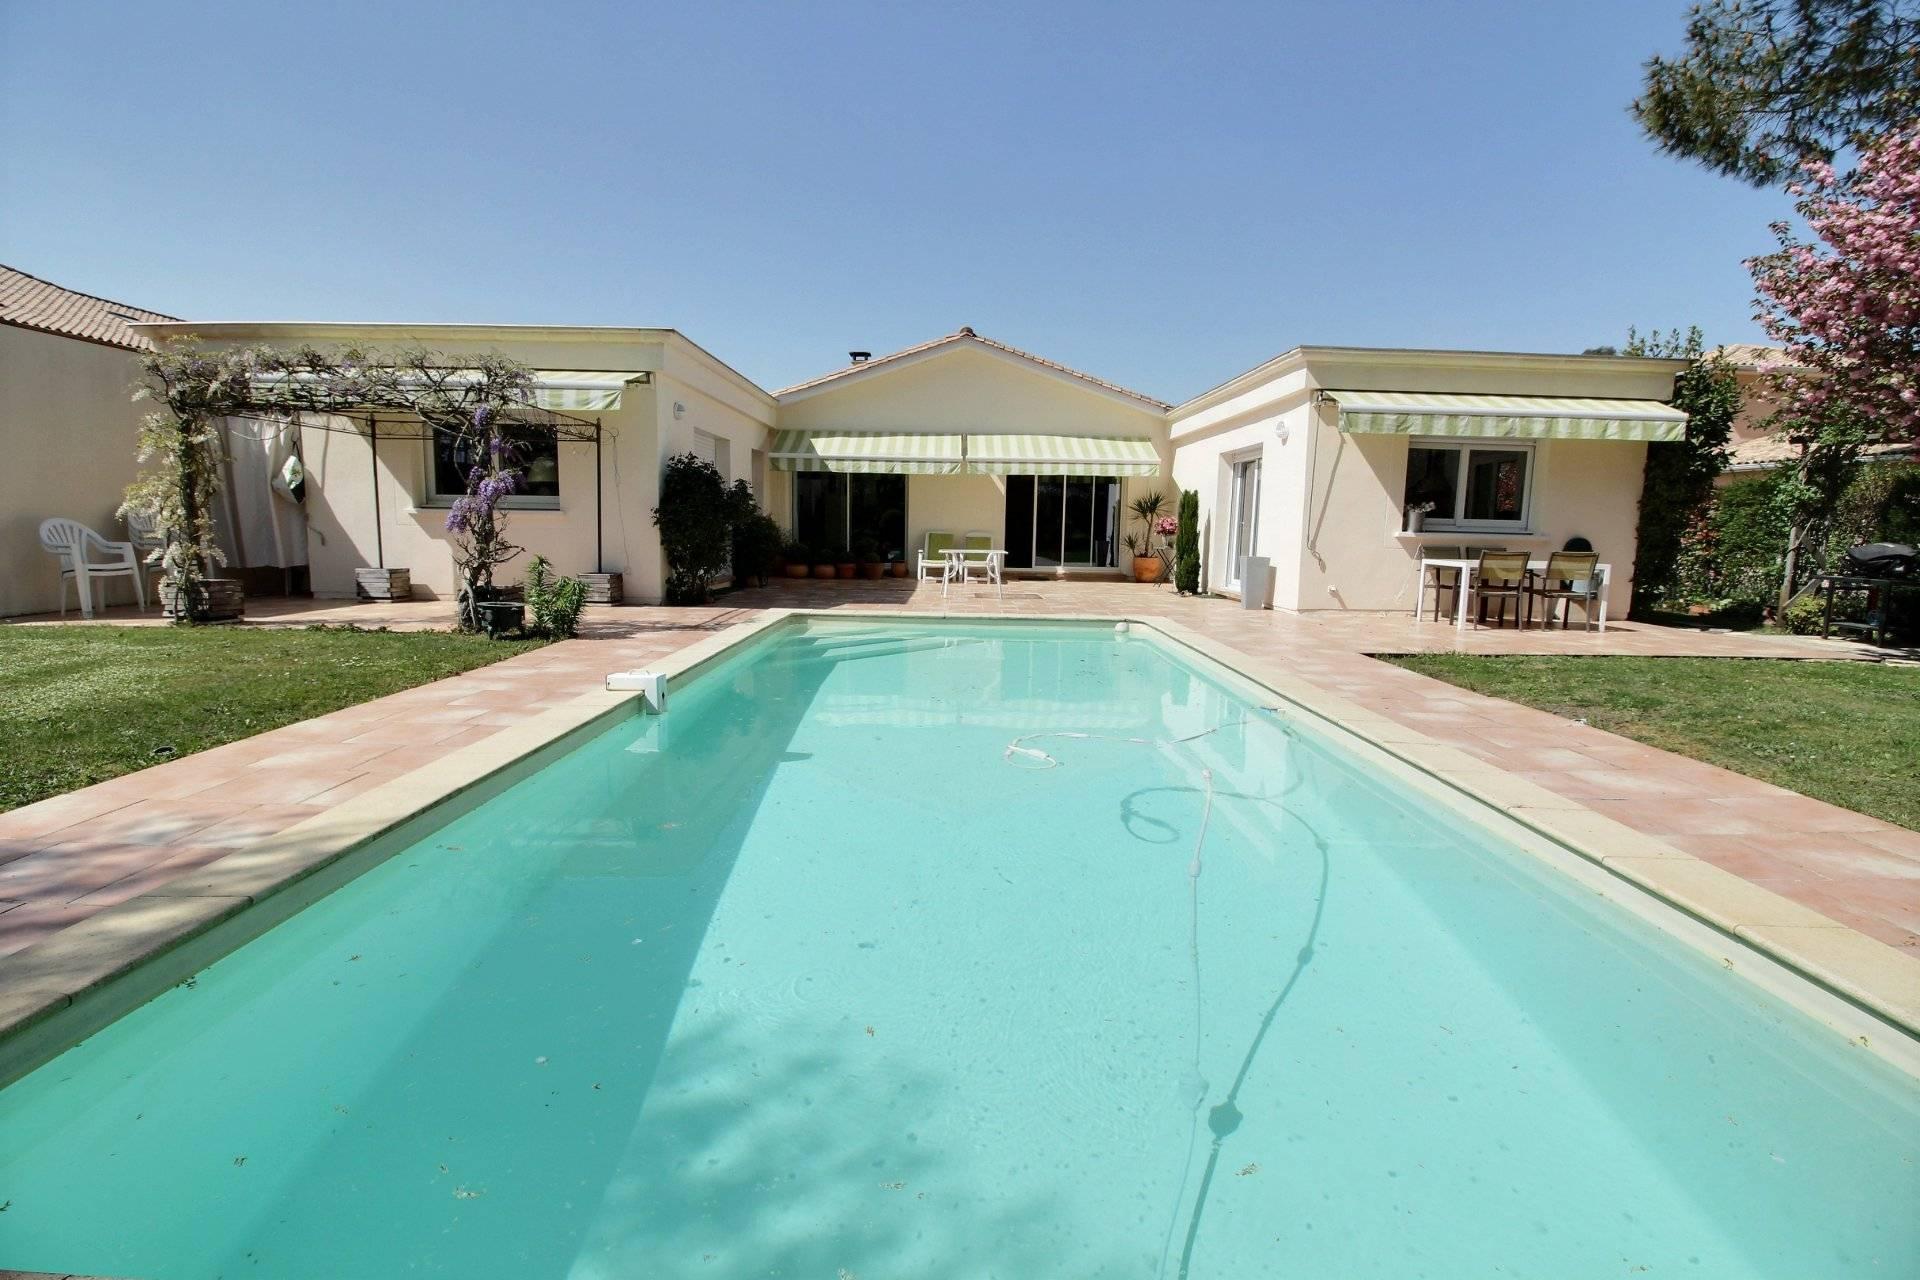 Recherche maison contemporaine avec piscine golf Bassin d'Arcachon